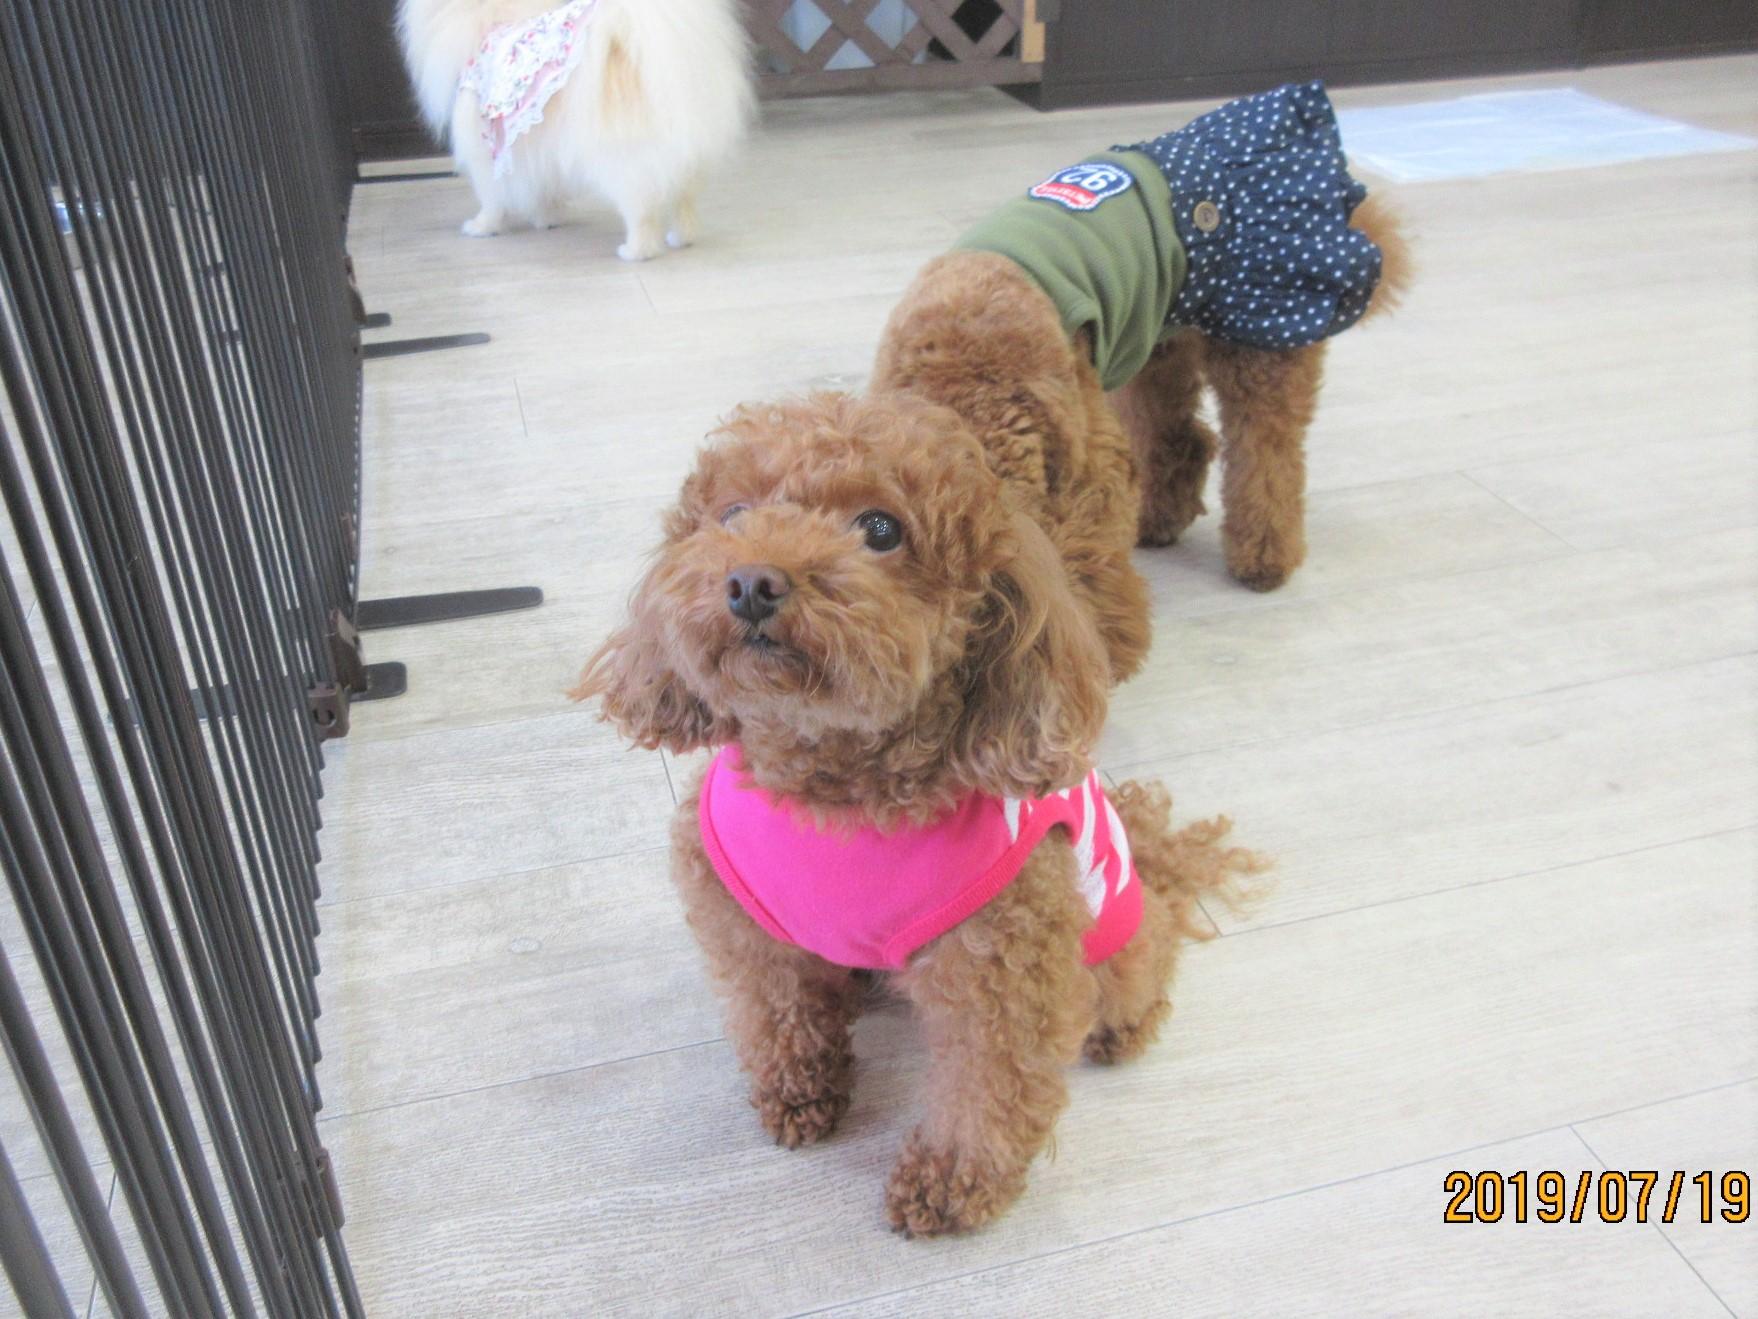 ナナちゃん・犬の保育園Baby・犬・犬のしつけ・犬の社会化